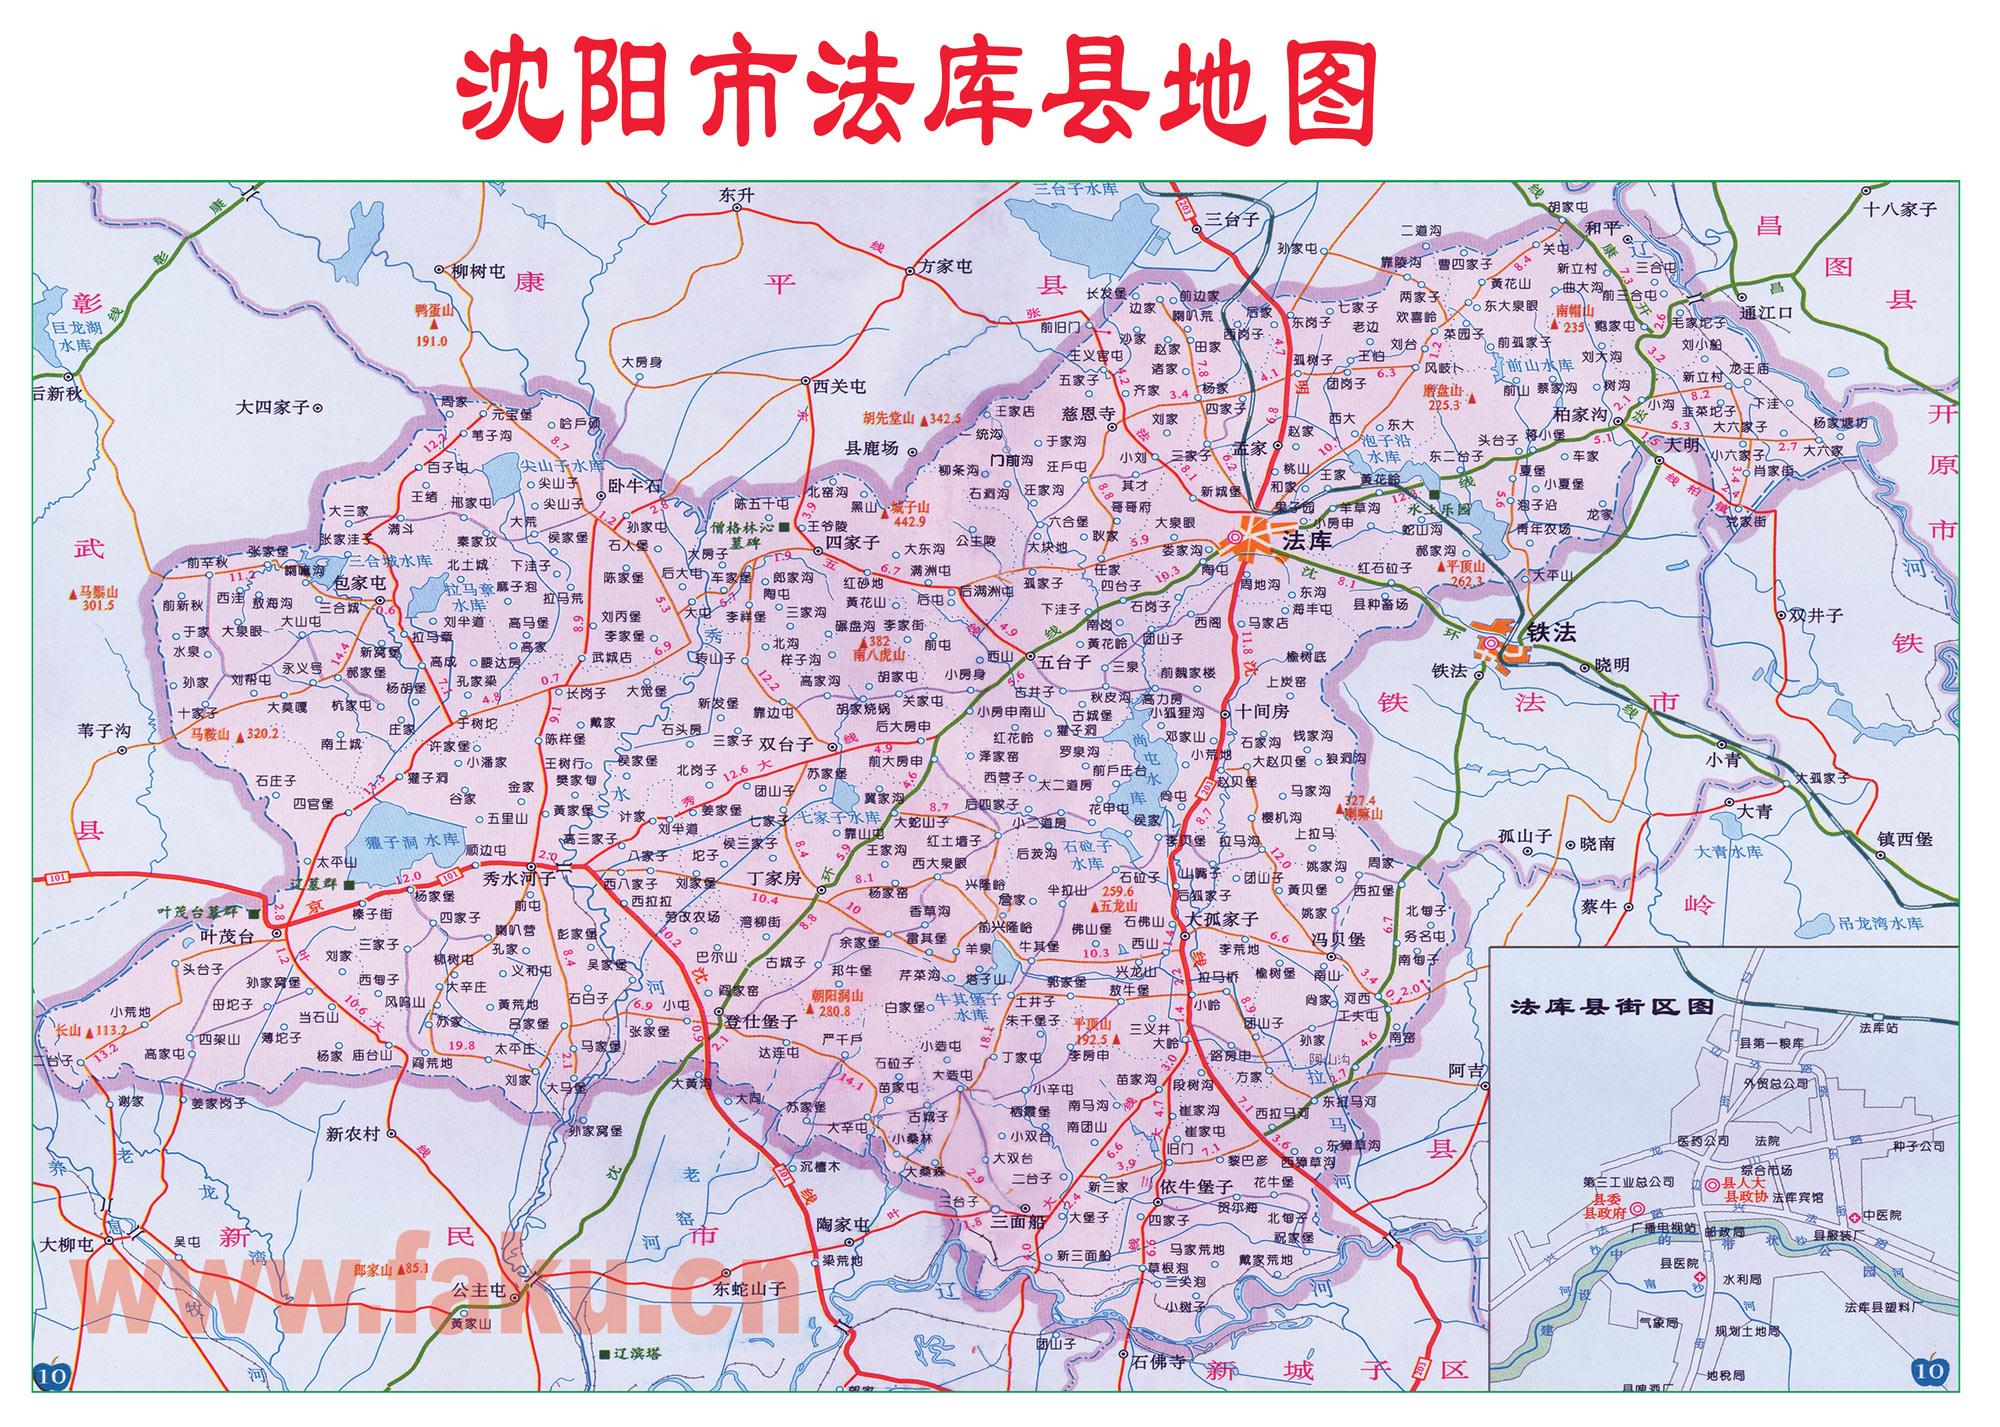 法库县地图下载